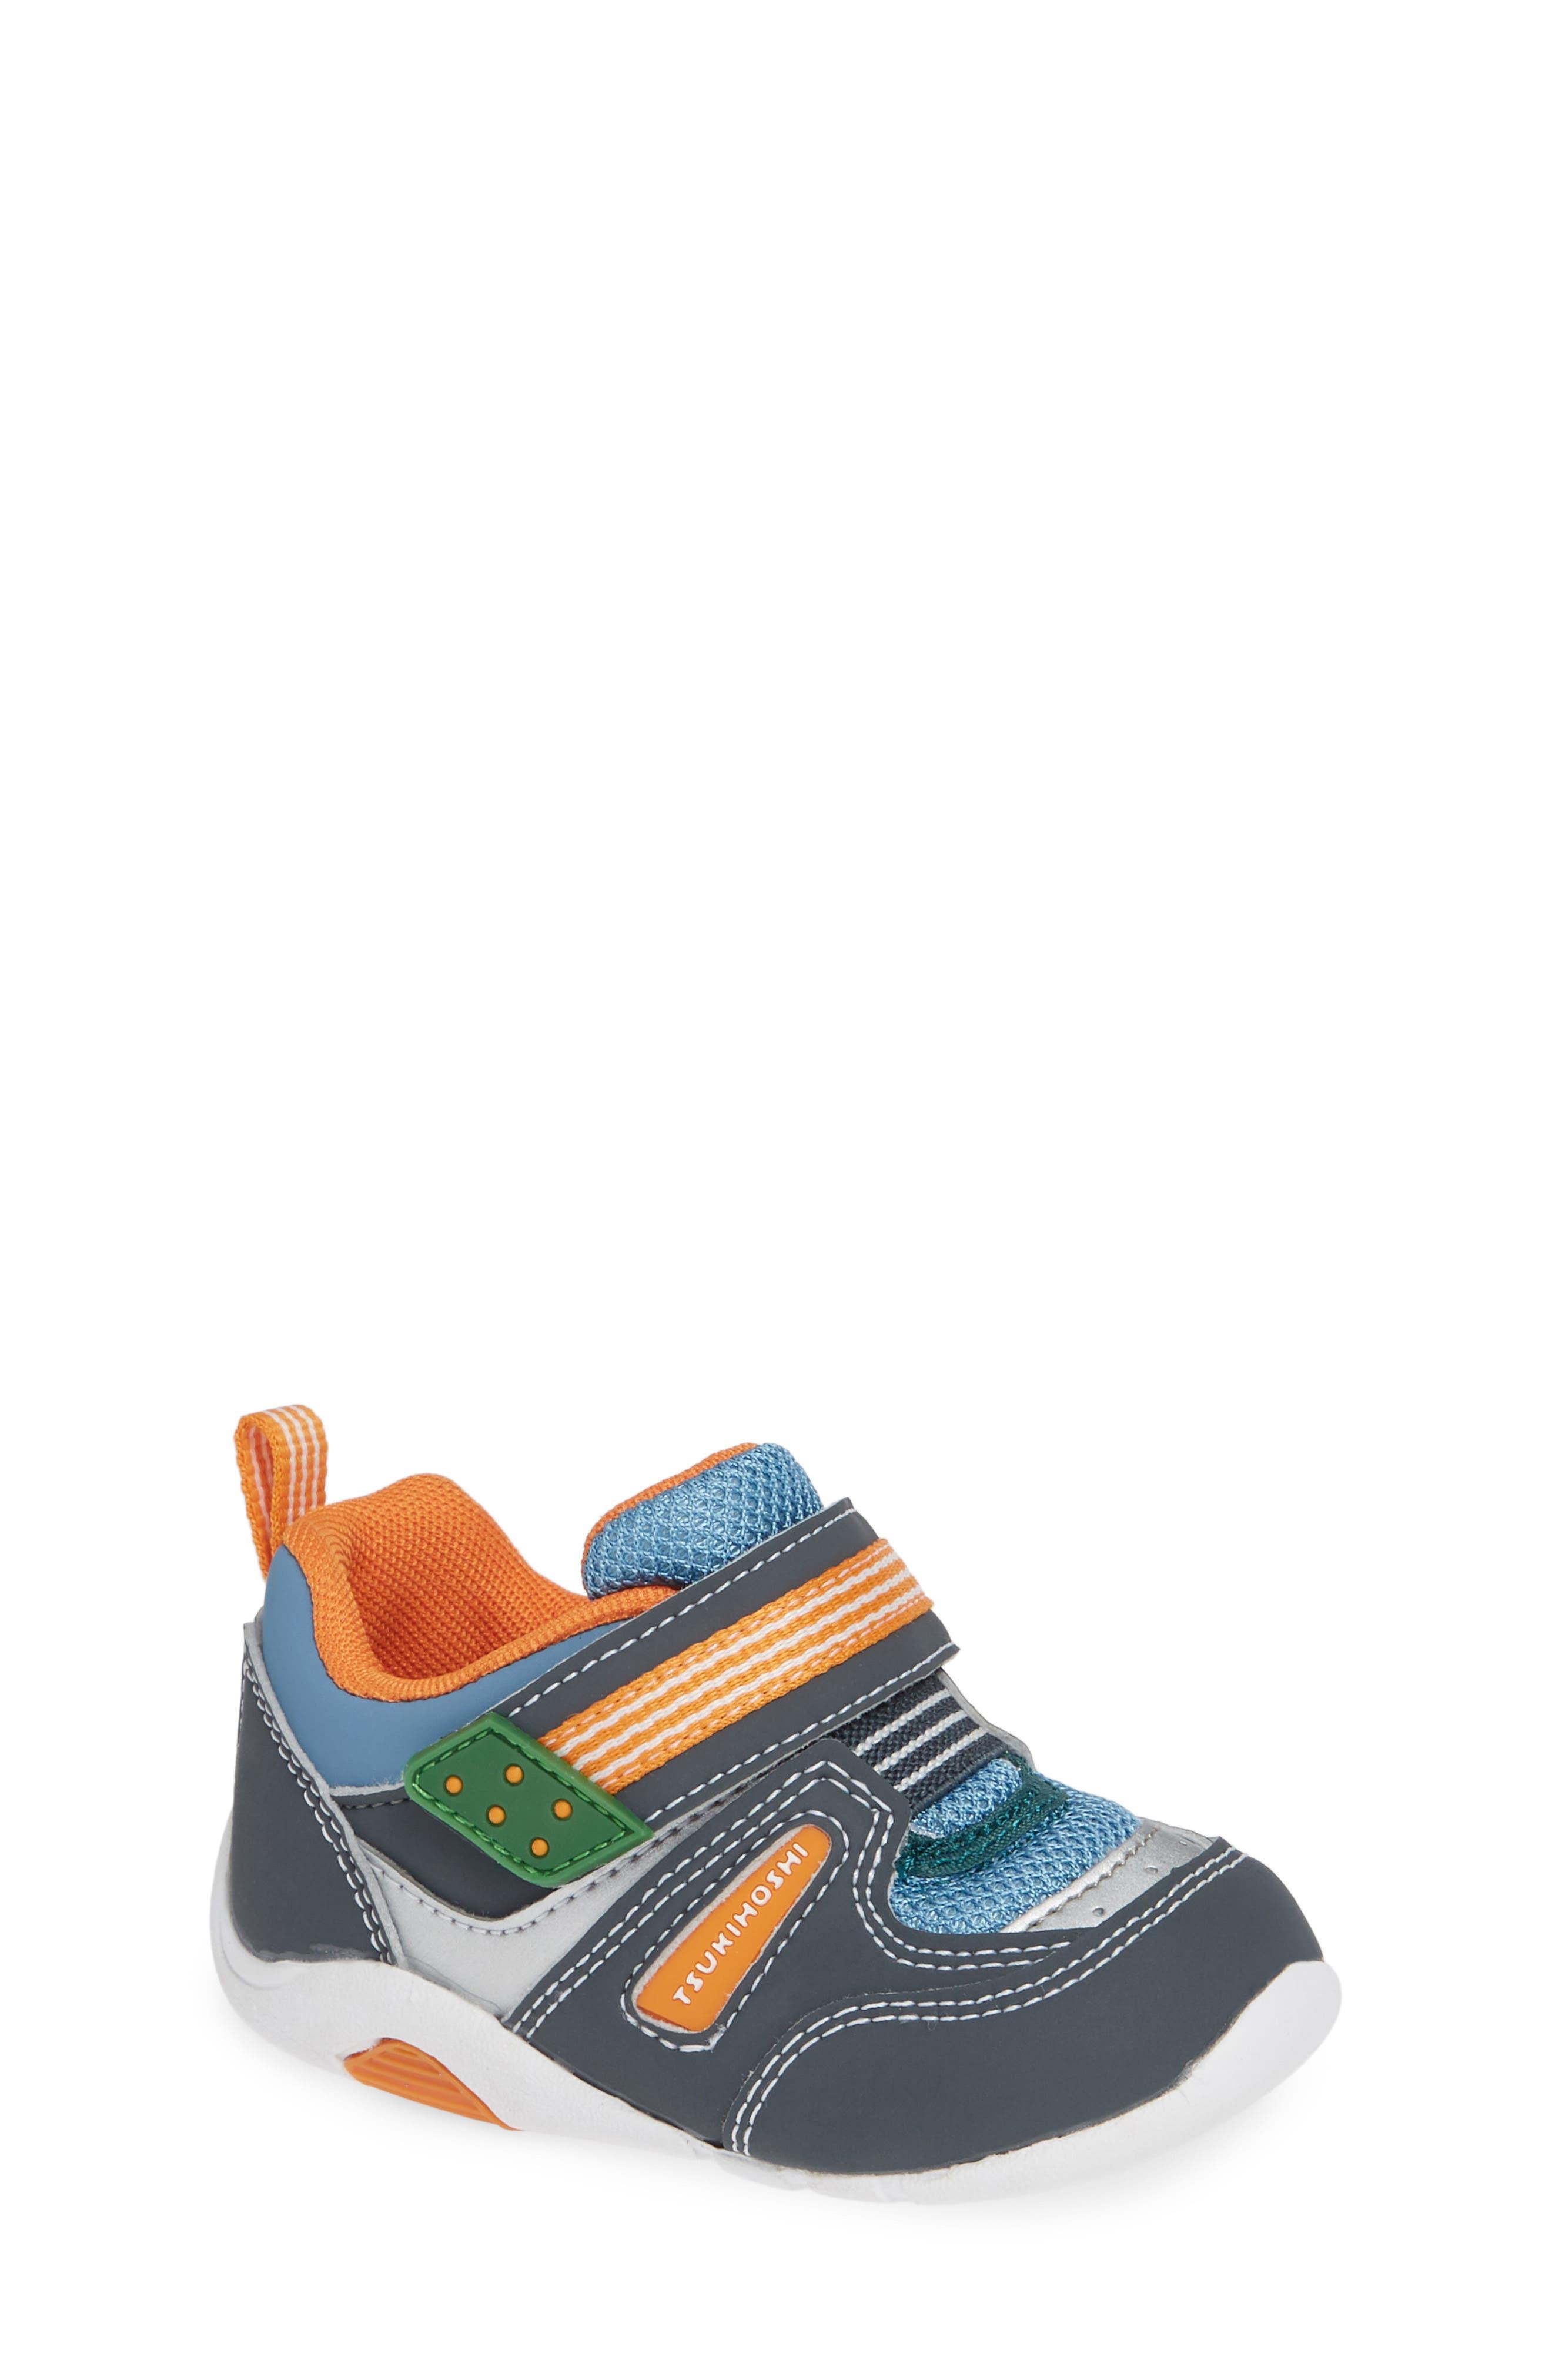 TSUKIHOSHI, Neko Washable Sneaker, Main thumbnail 1, color, CHARCOAL/ SEA